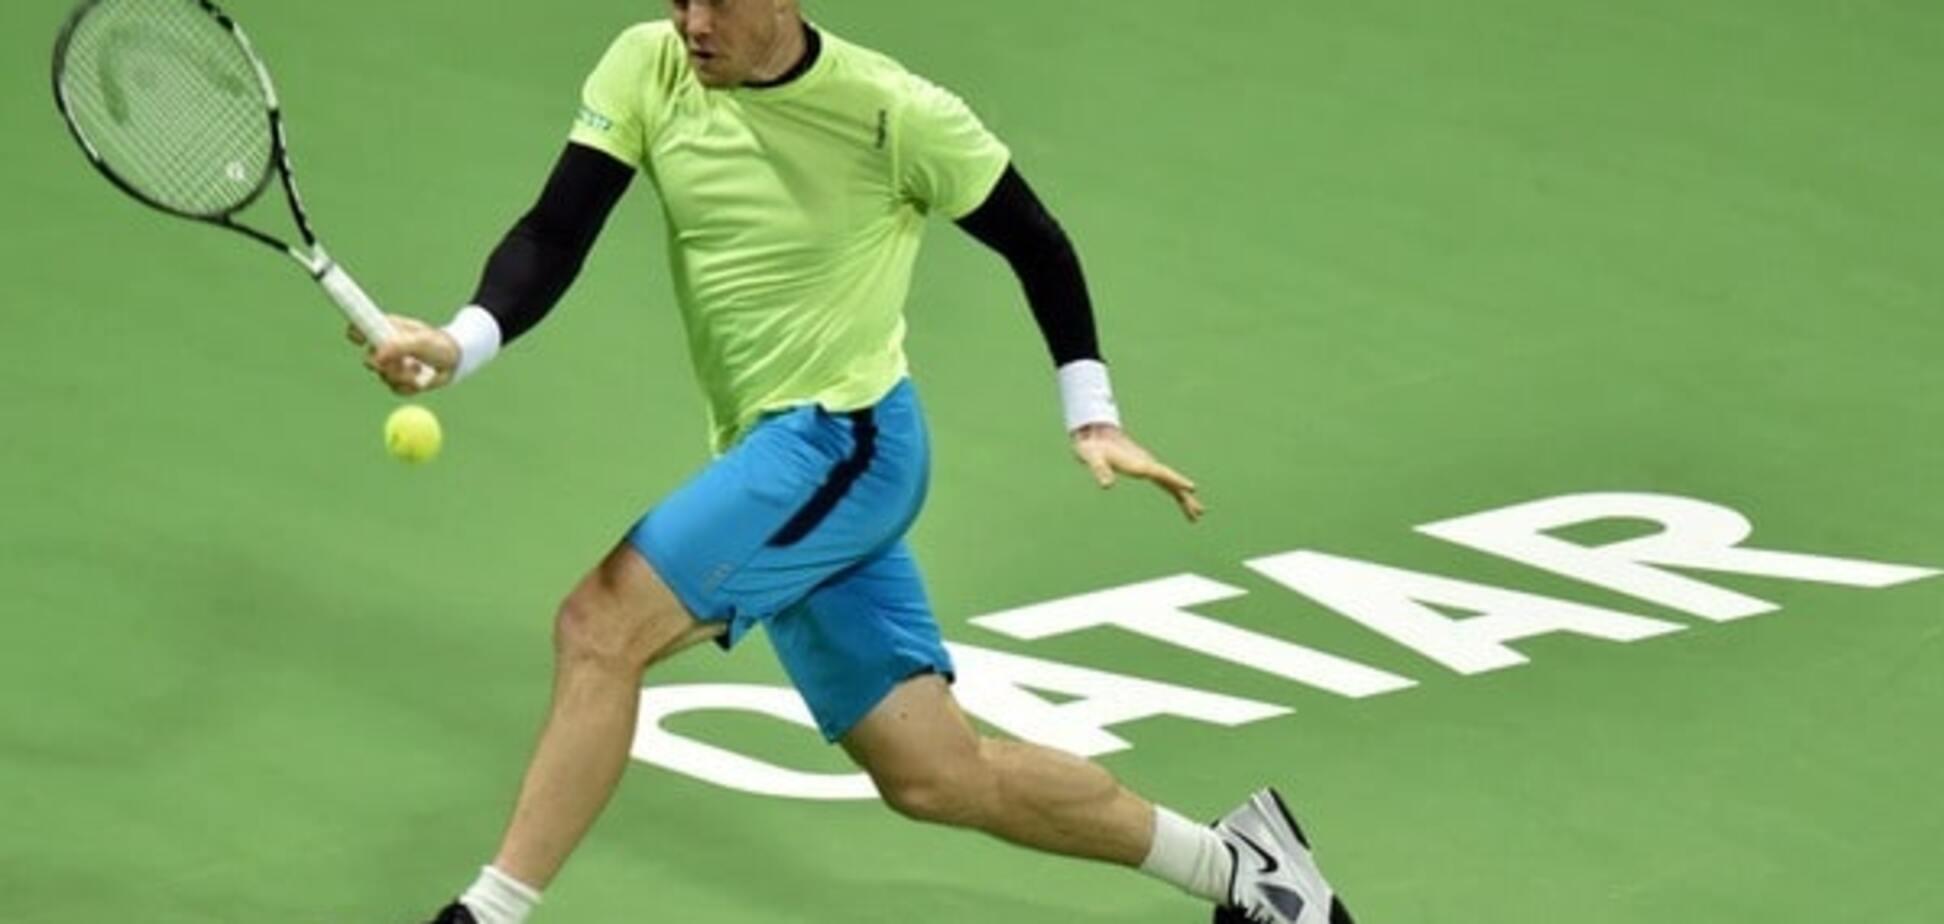 Український тенісист скоїв грандіозний стрибок у світовому рейтингу